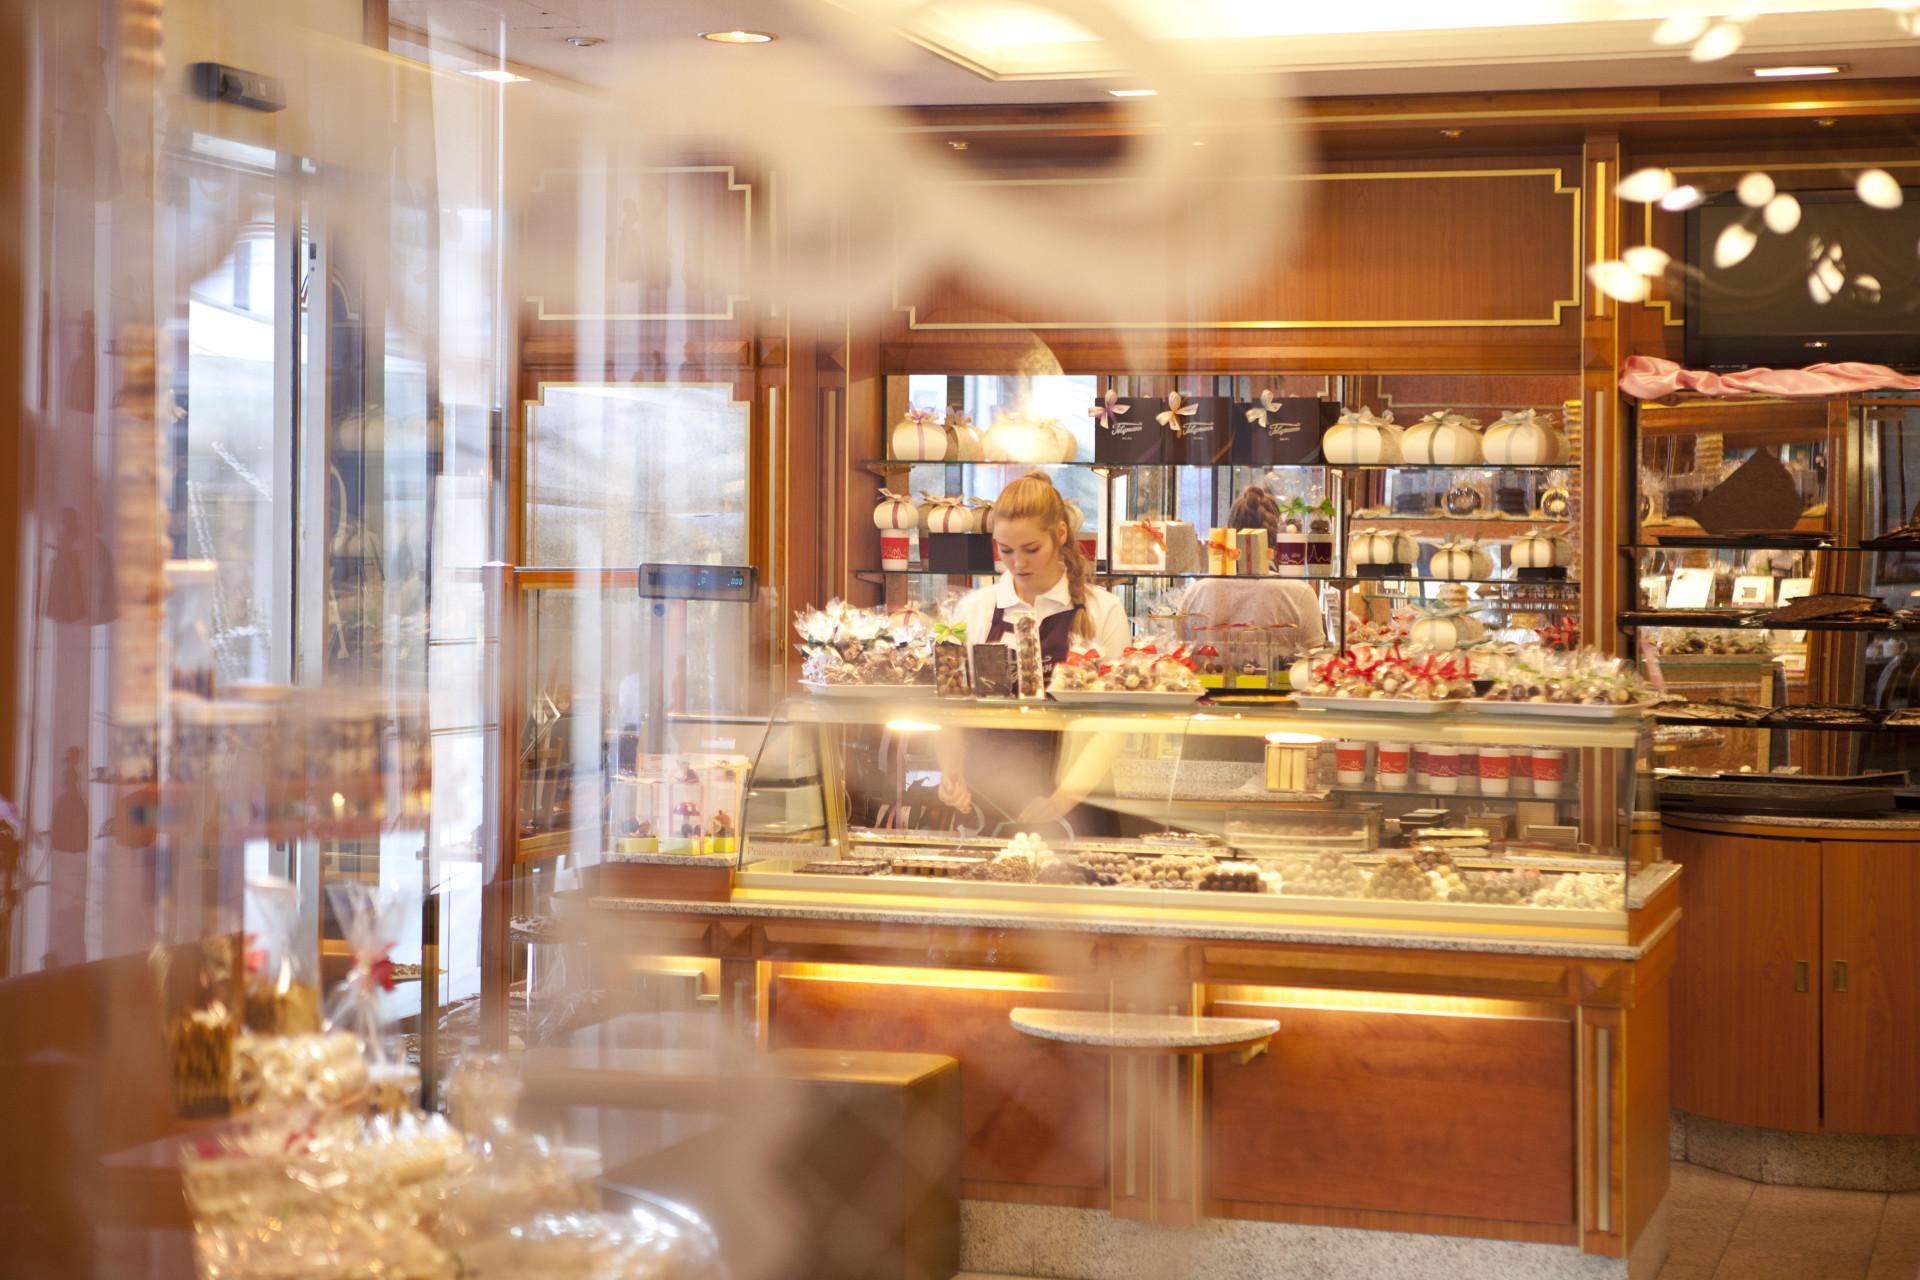 ANNEKE DUNKHASE Fotografie Dortmund Konditorei Telgmann Unternehmensfotografie